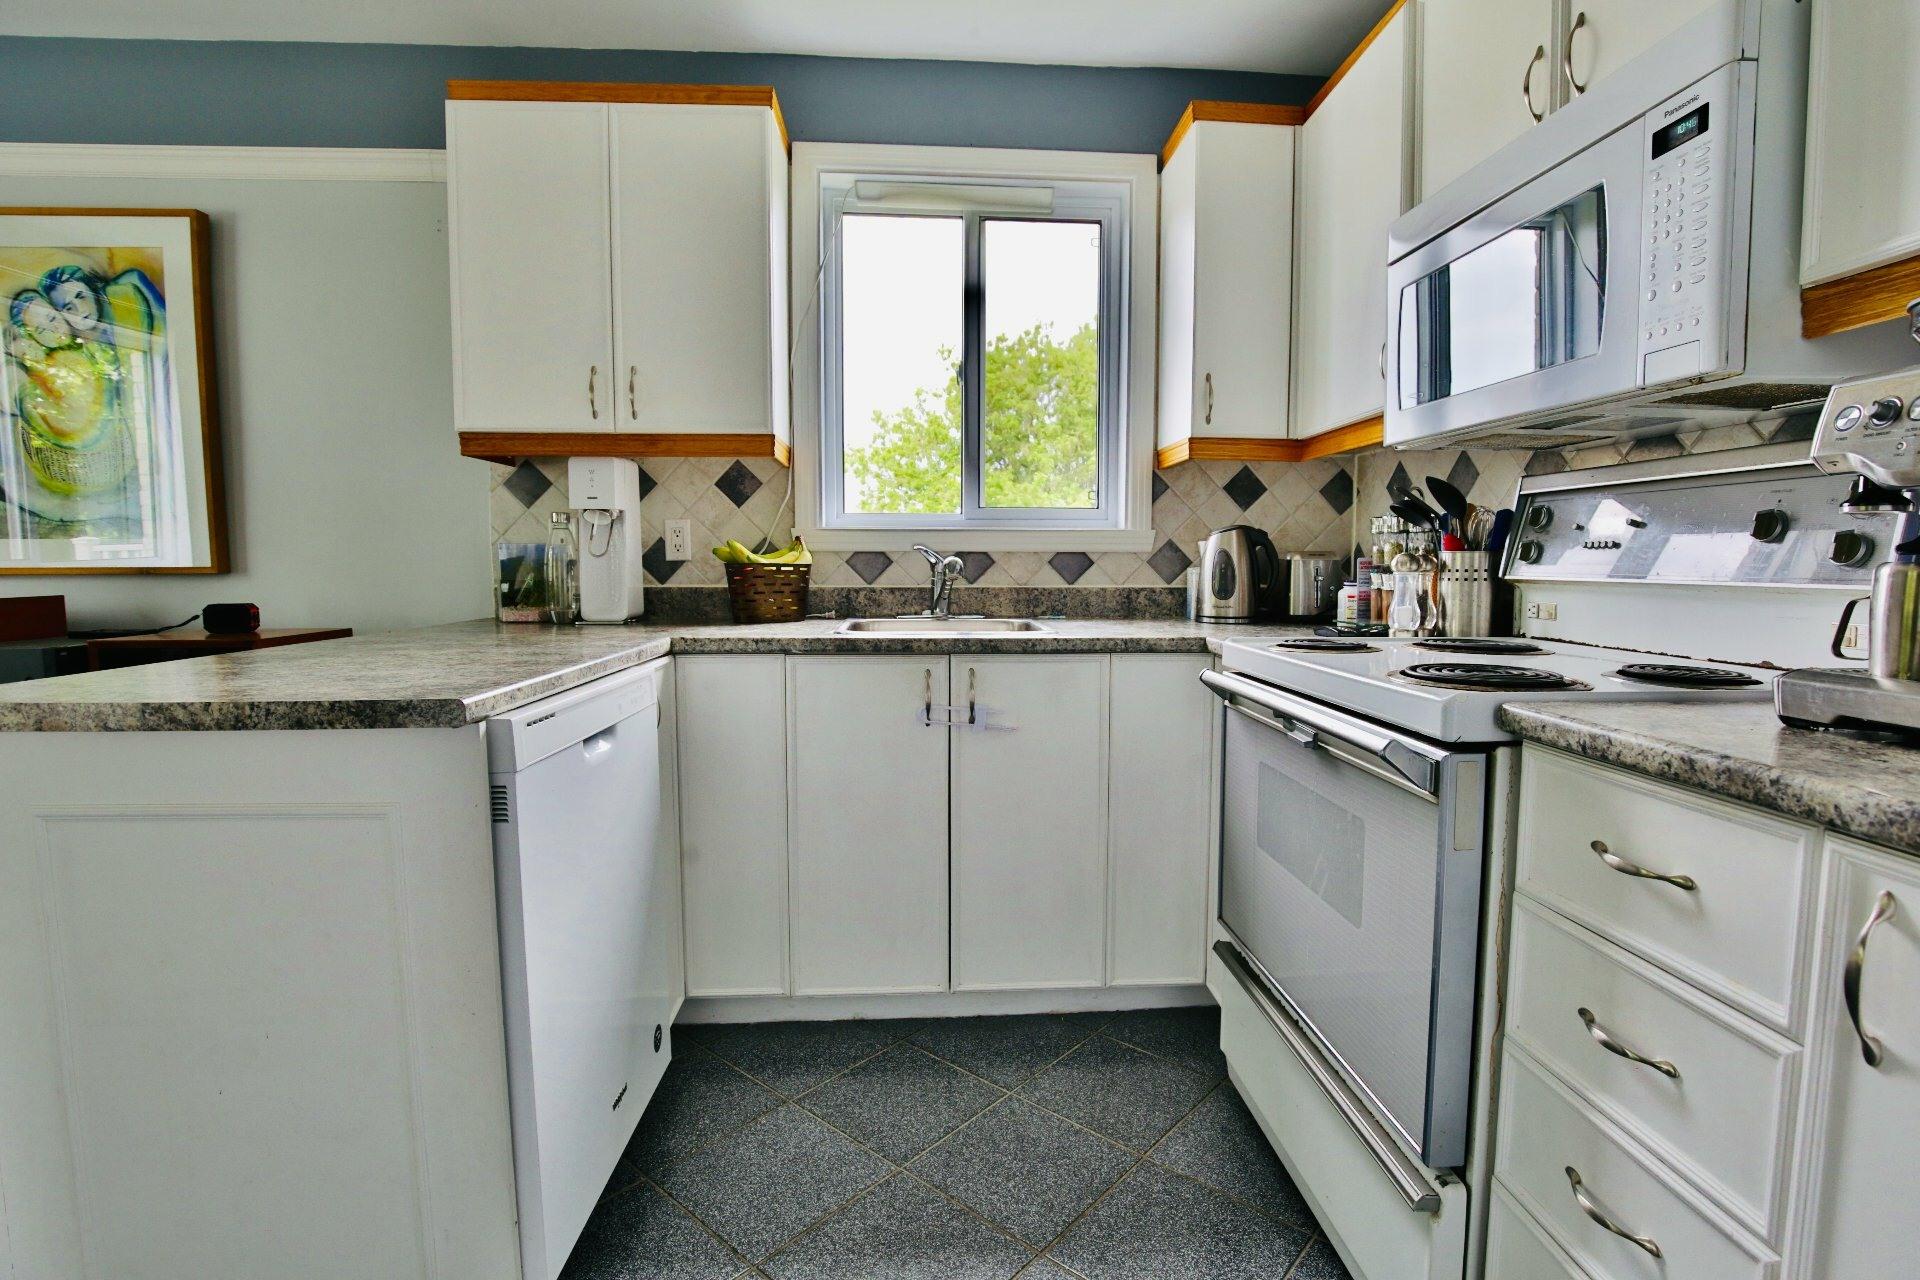 image 9 - Appartement À vendre Le Vieux-Longueuil Longueuil  - 6 pièces